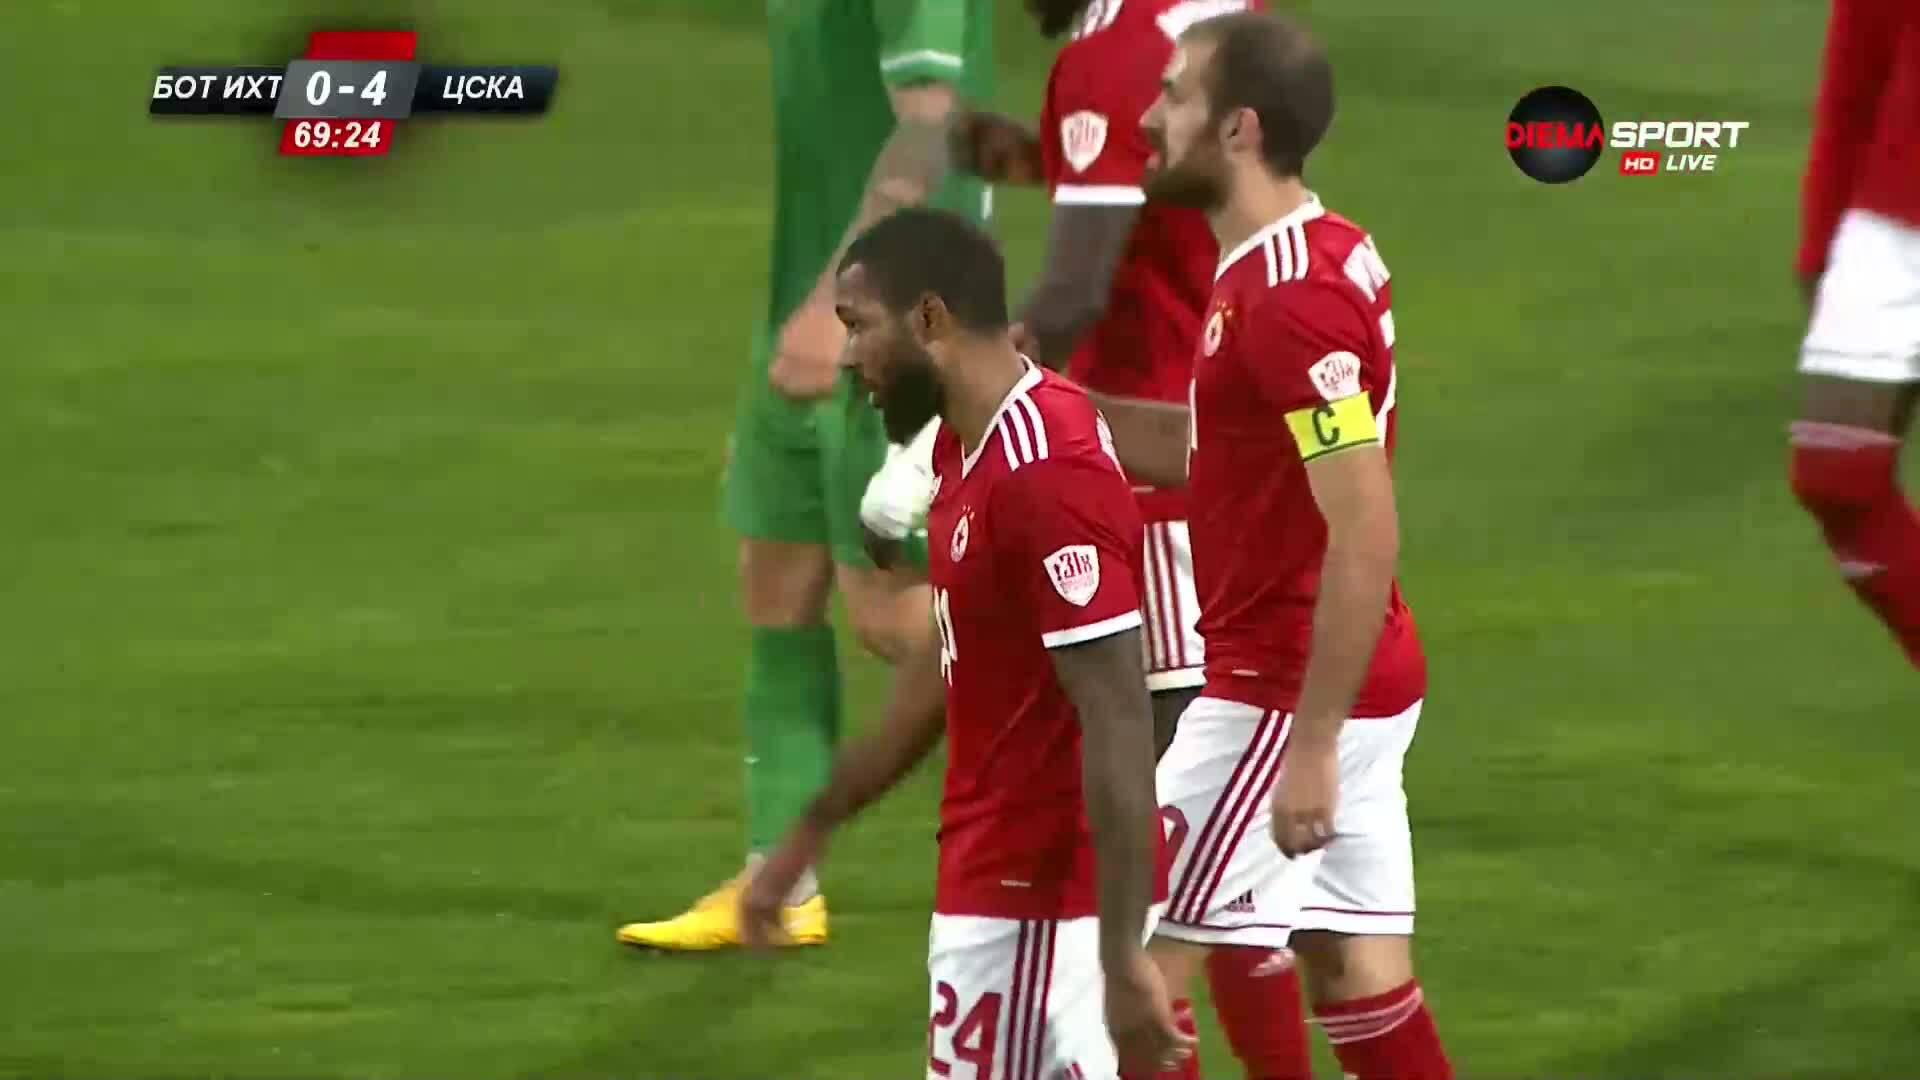 Ботев Ихтиман - ЦСКА 0:5 /репортаж/